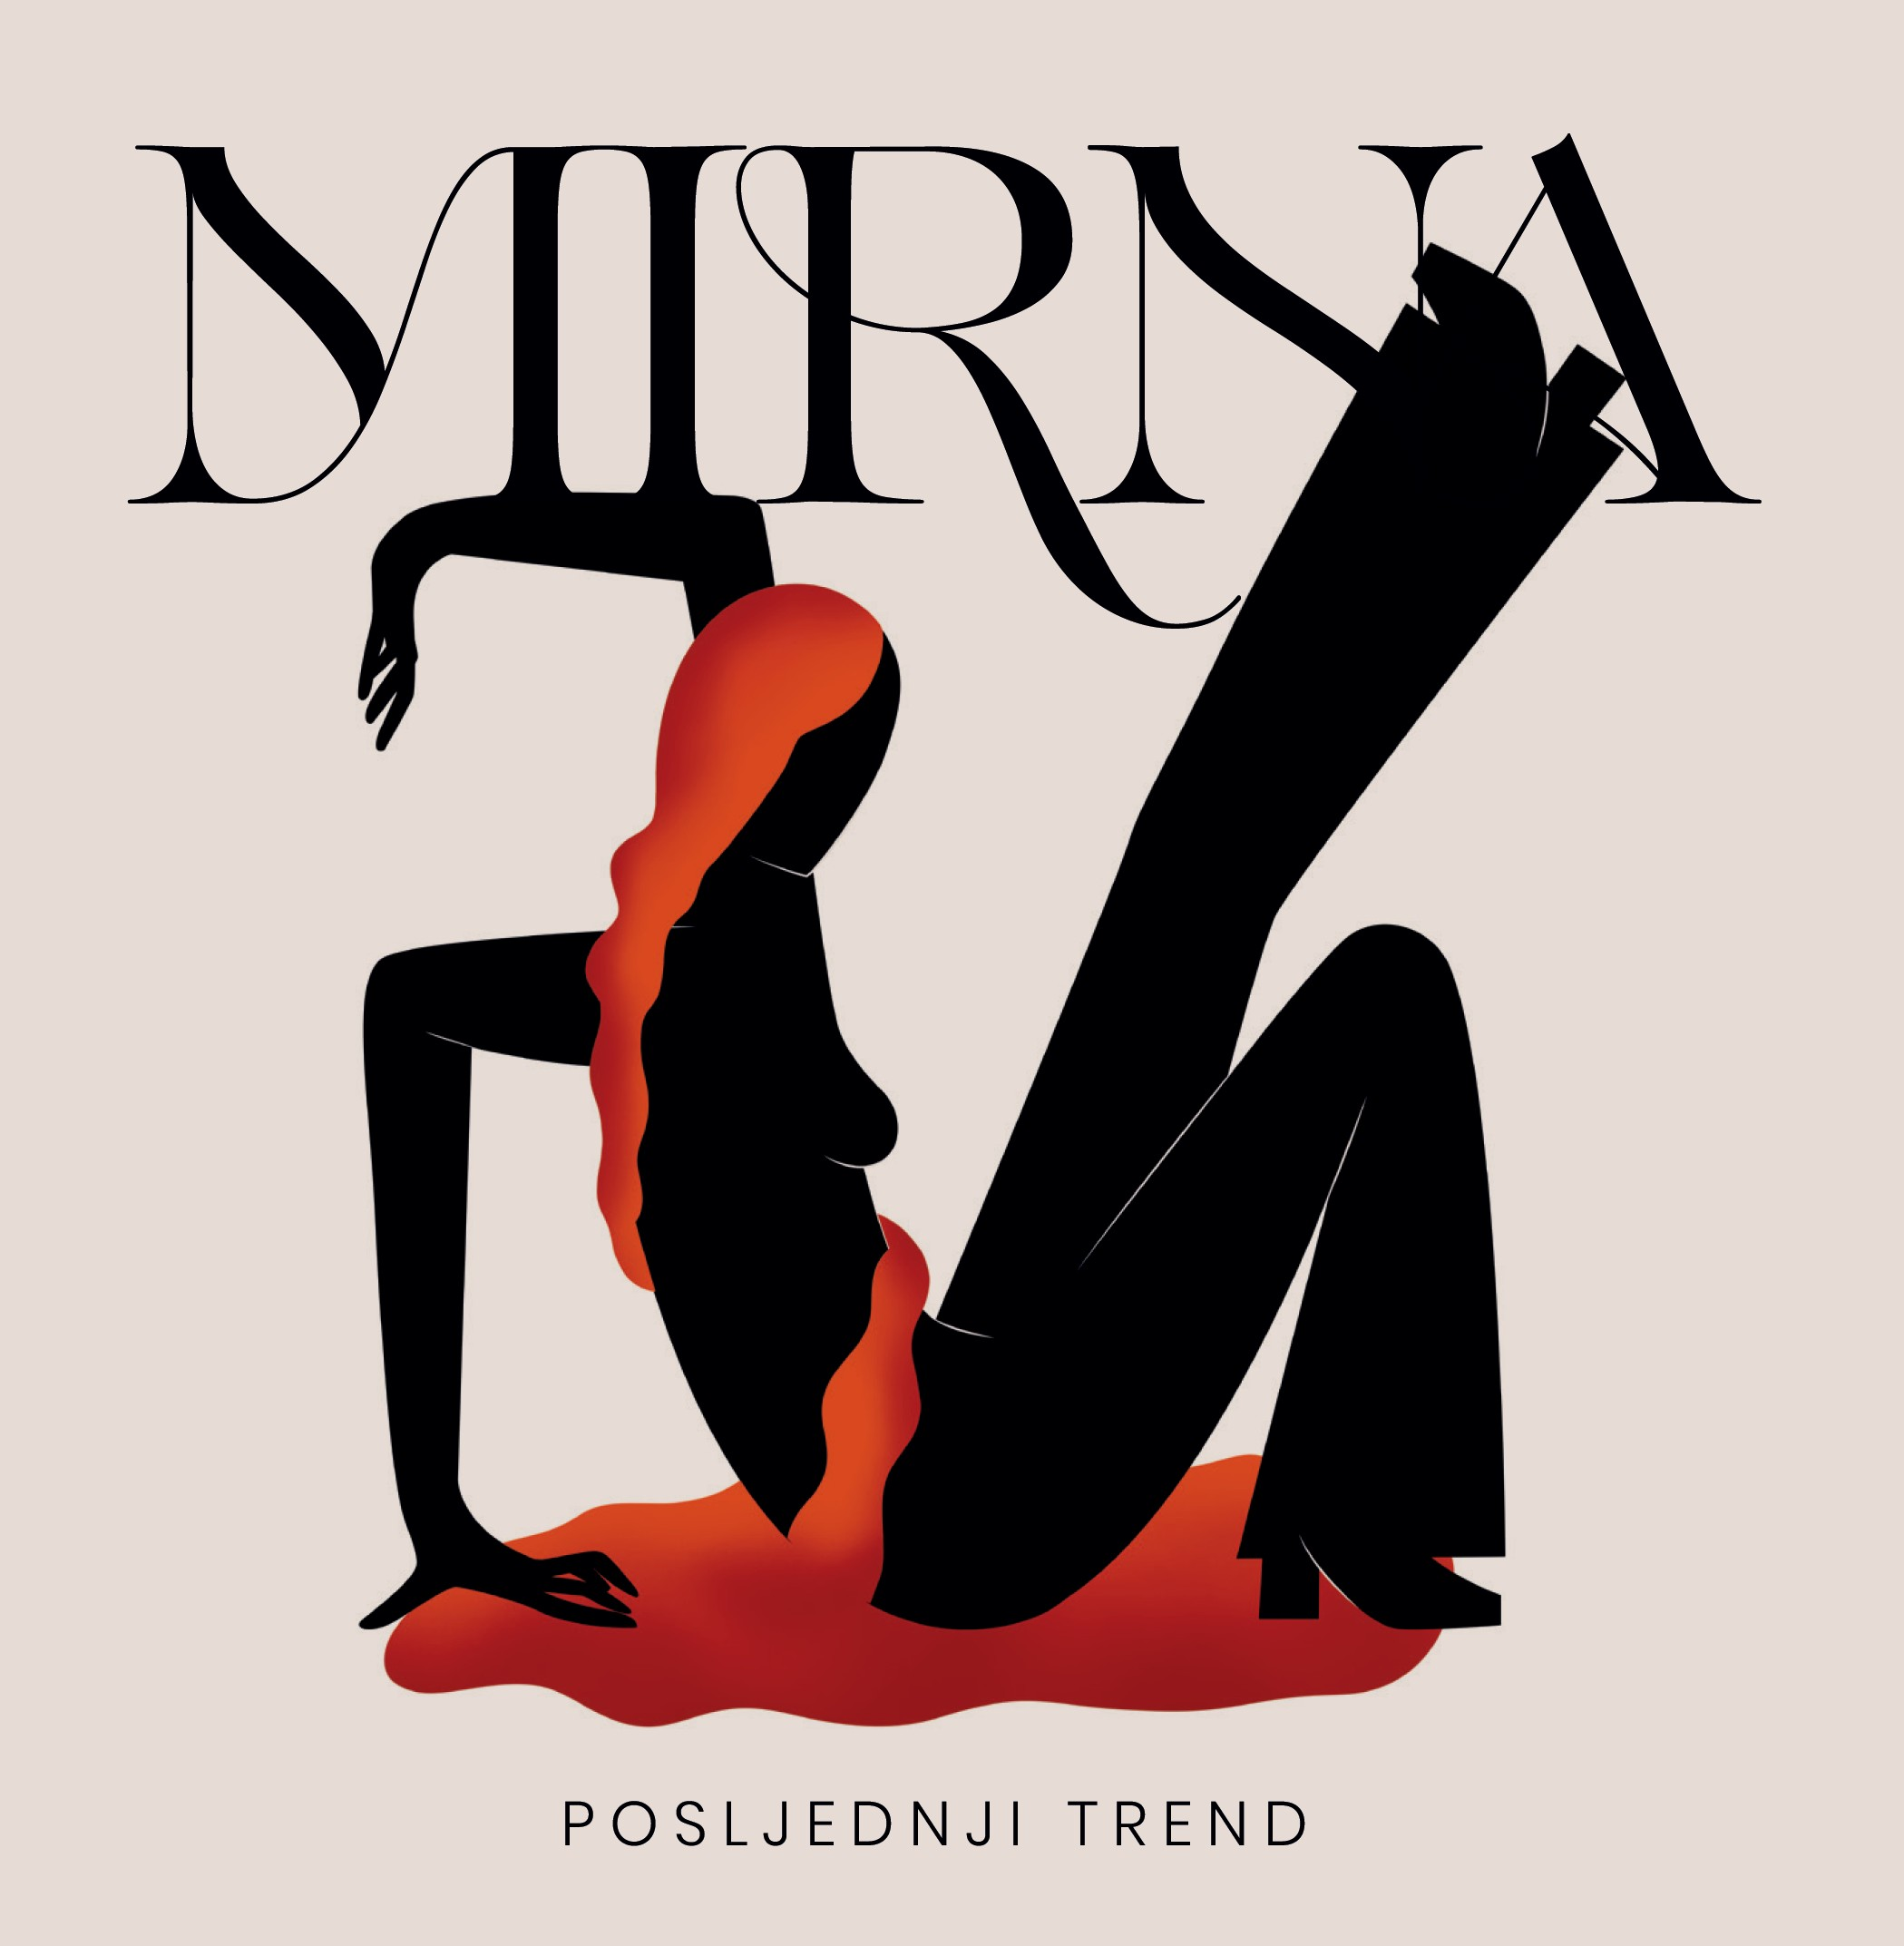 Objavljen drugi album kantautorice Mirne Škrgatić inspiriran pop i rock glazbom 60-ih i 70-ih